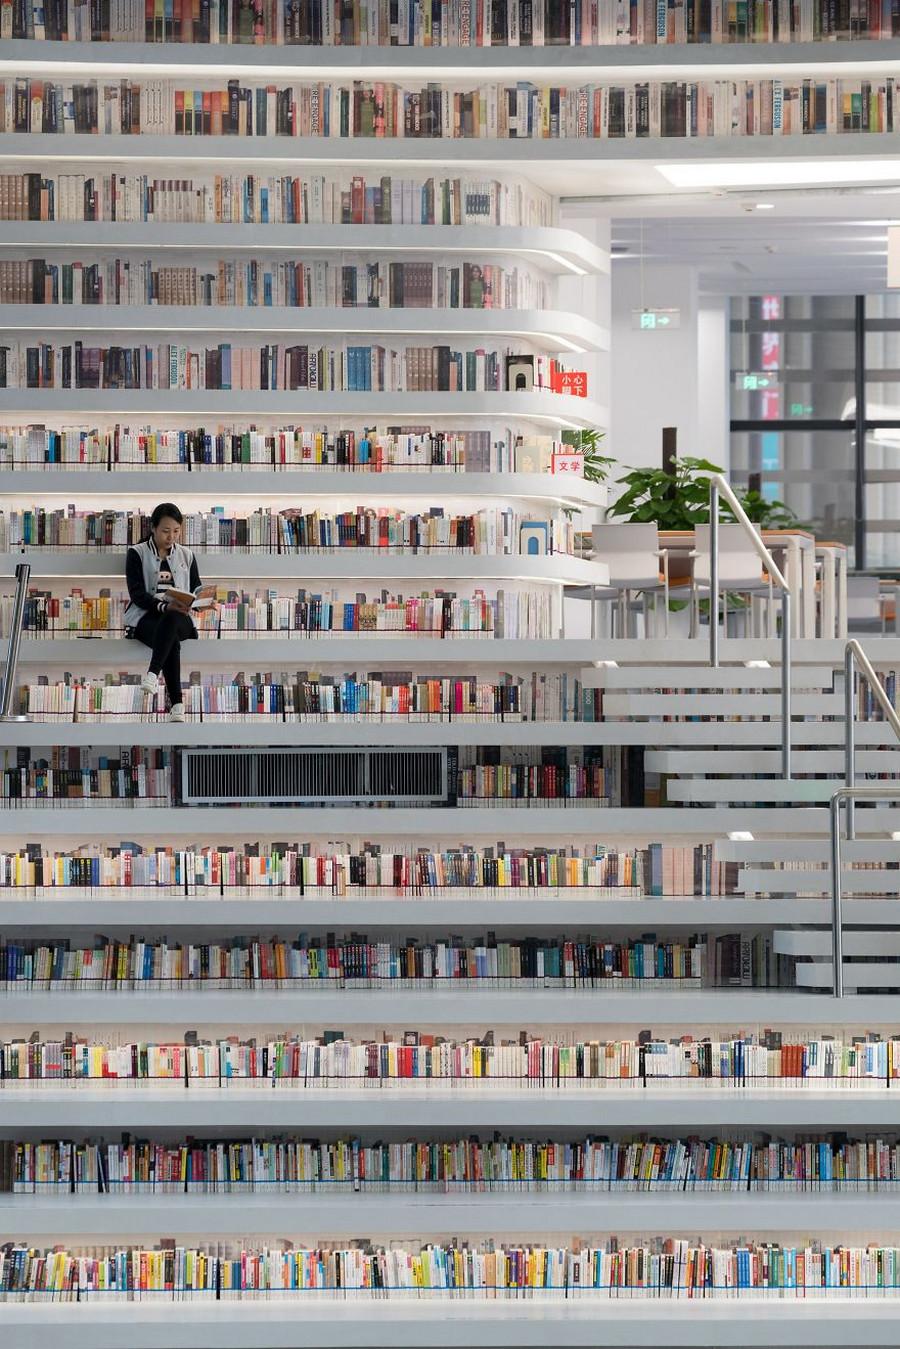 В Китае открылась крутейшая в мире библиотека с 1,2 миллионами книг 4